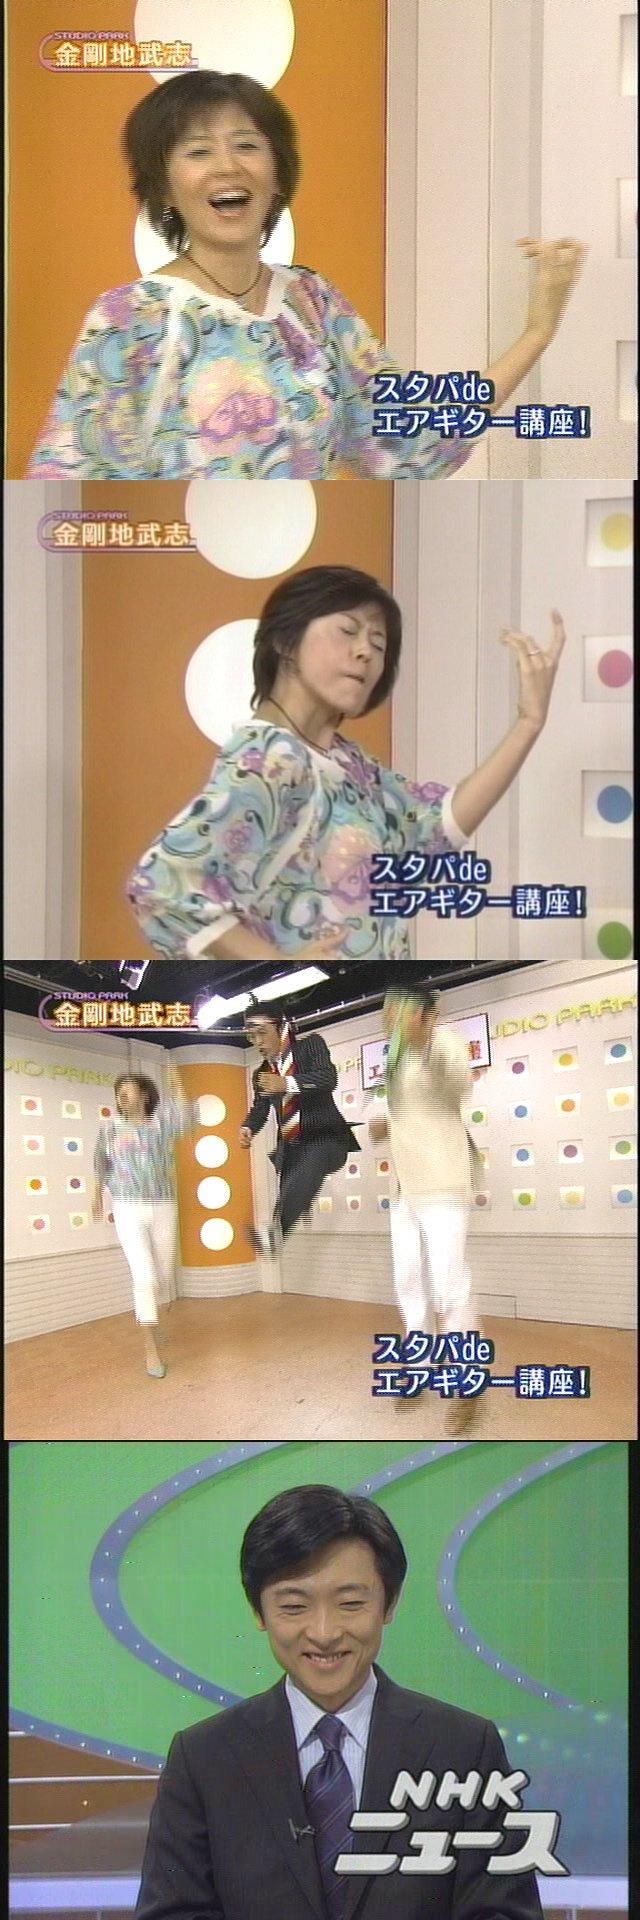 【テレビおもしろ画像】金剛地武志による『スタパdeエアギター講座!』が楽しそうで、NHKアナウンサーも(笑)